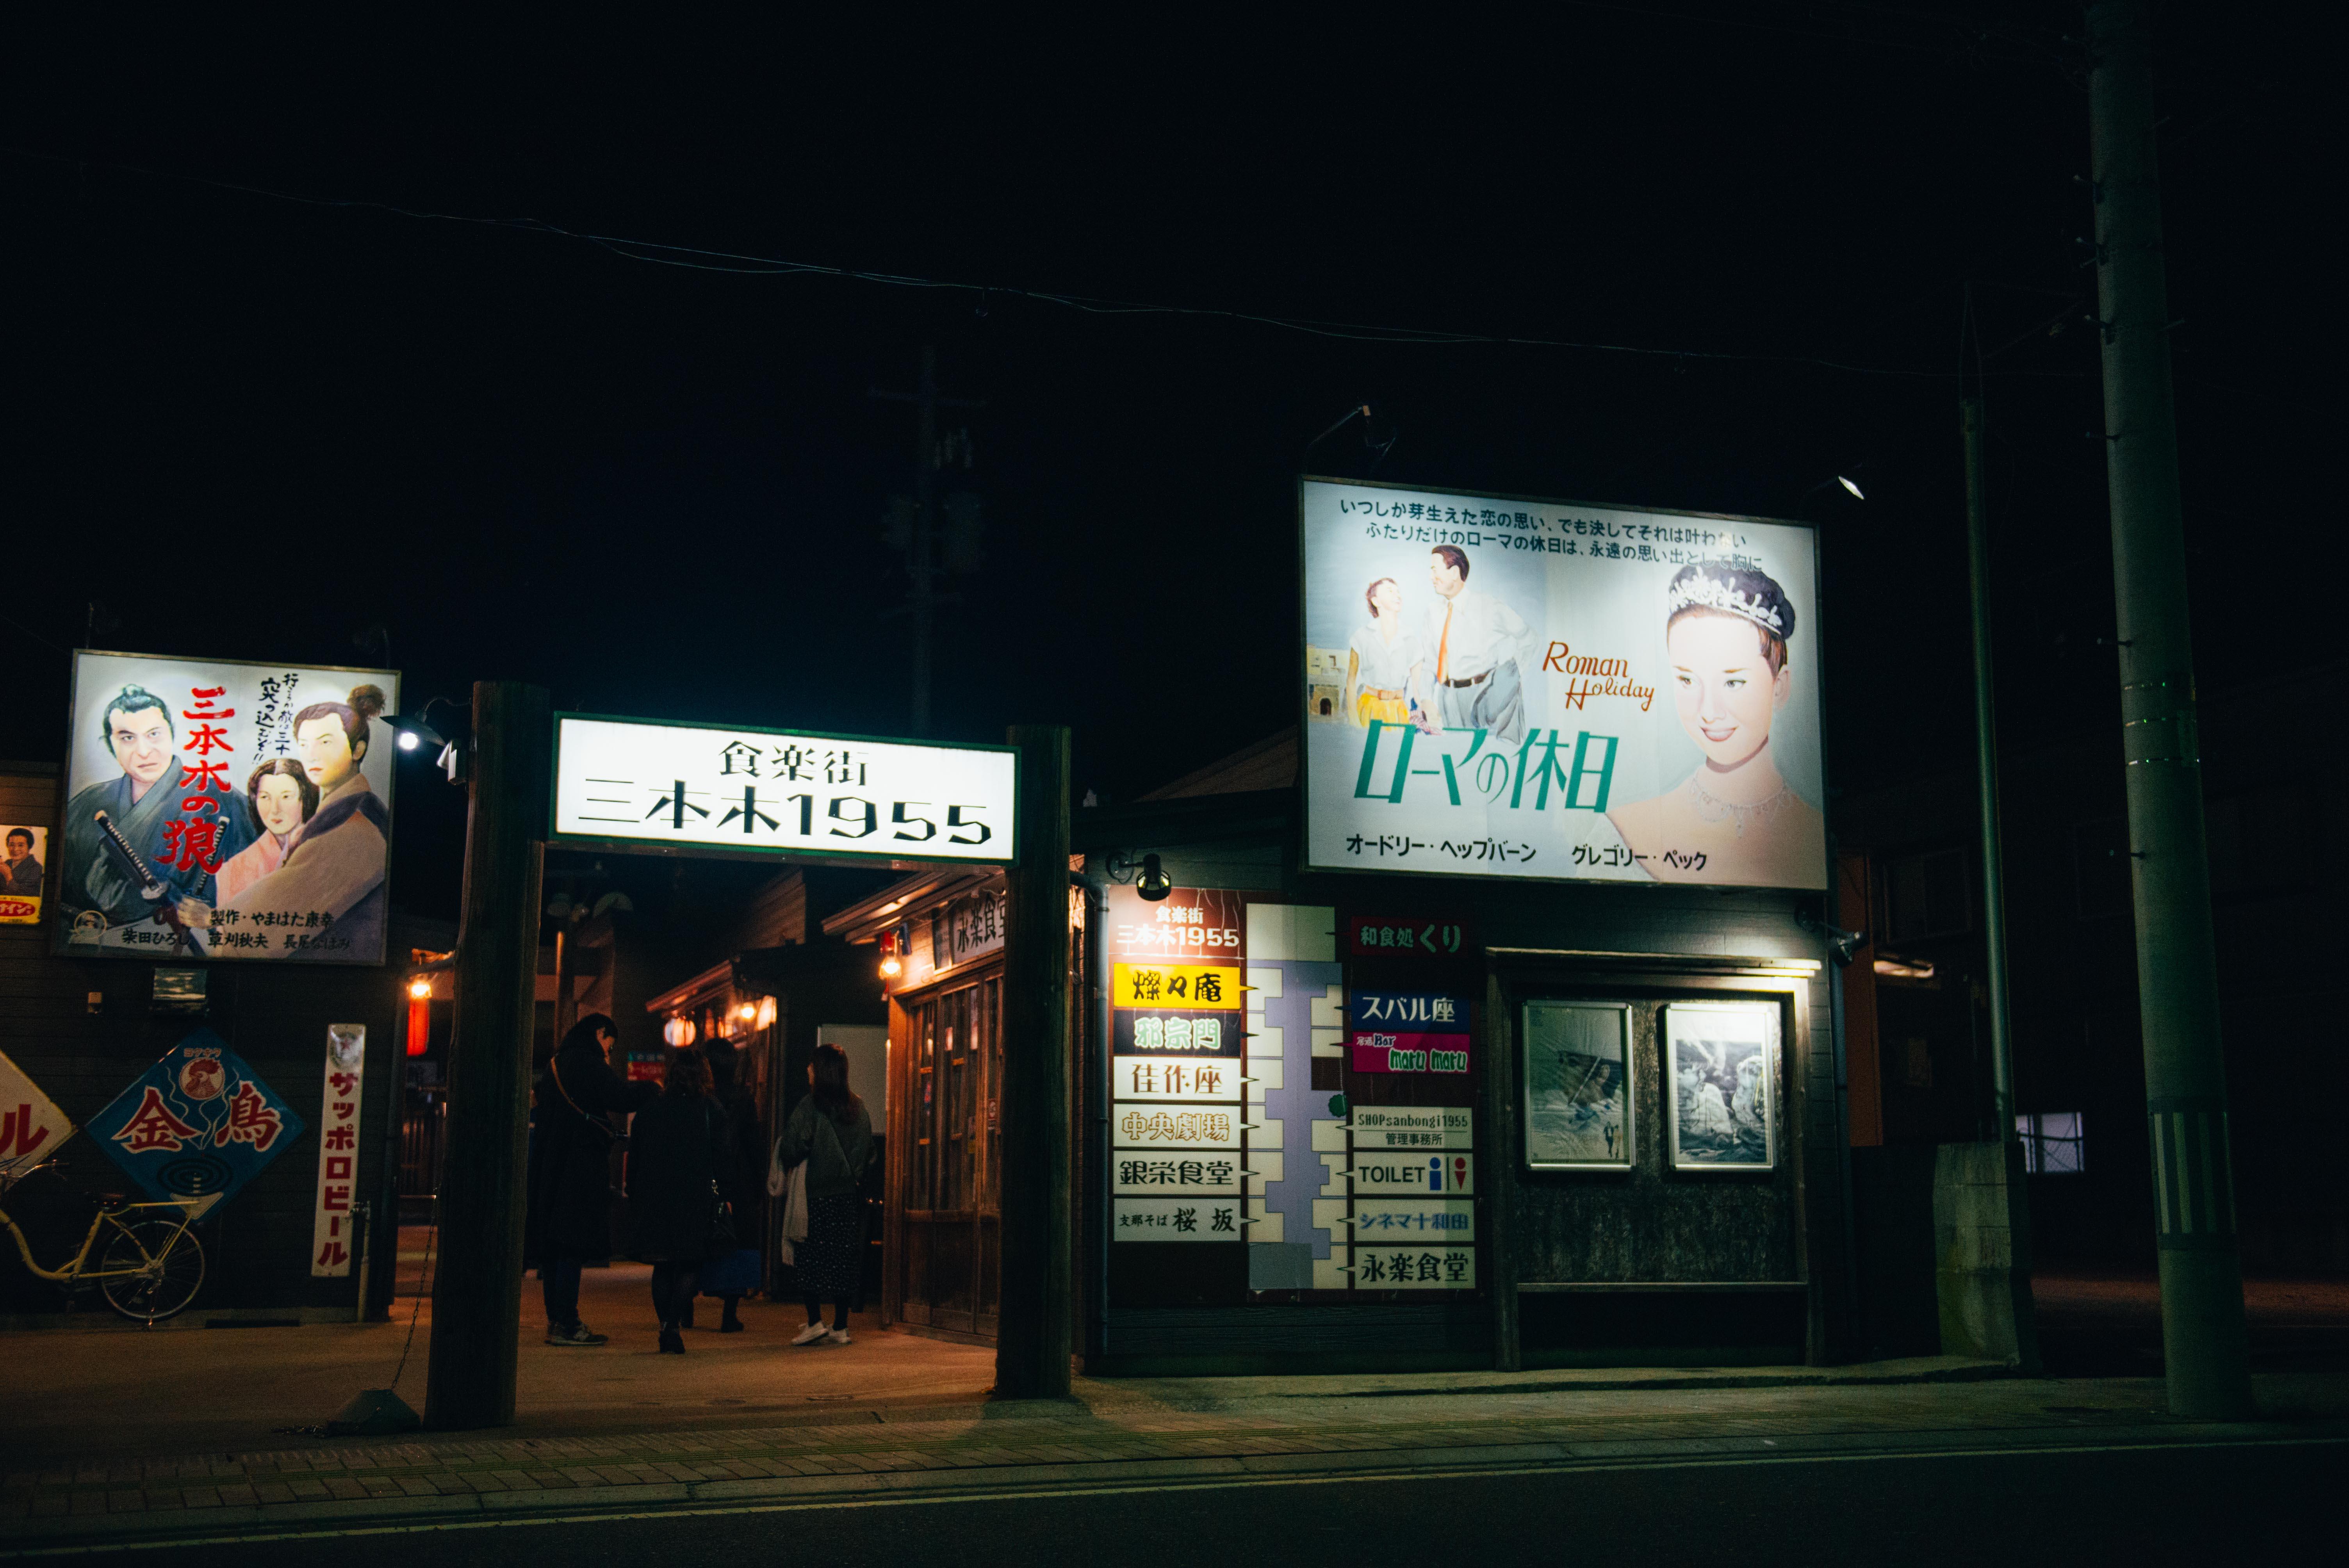 サイ 爆 十和田 市 十和田市の看板・サイン|株式会社アート・サイン|集客を上げる